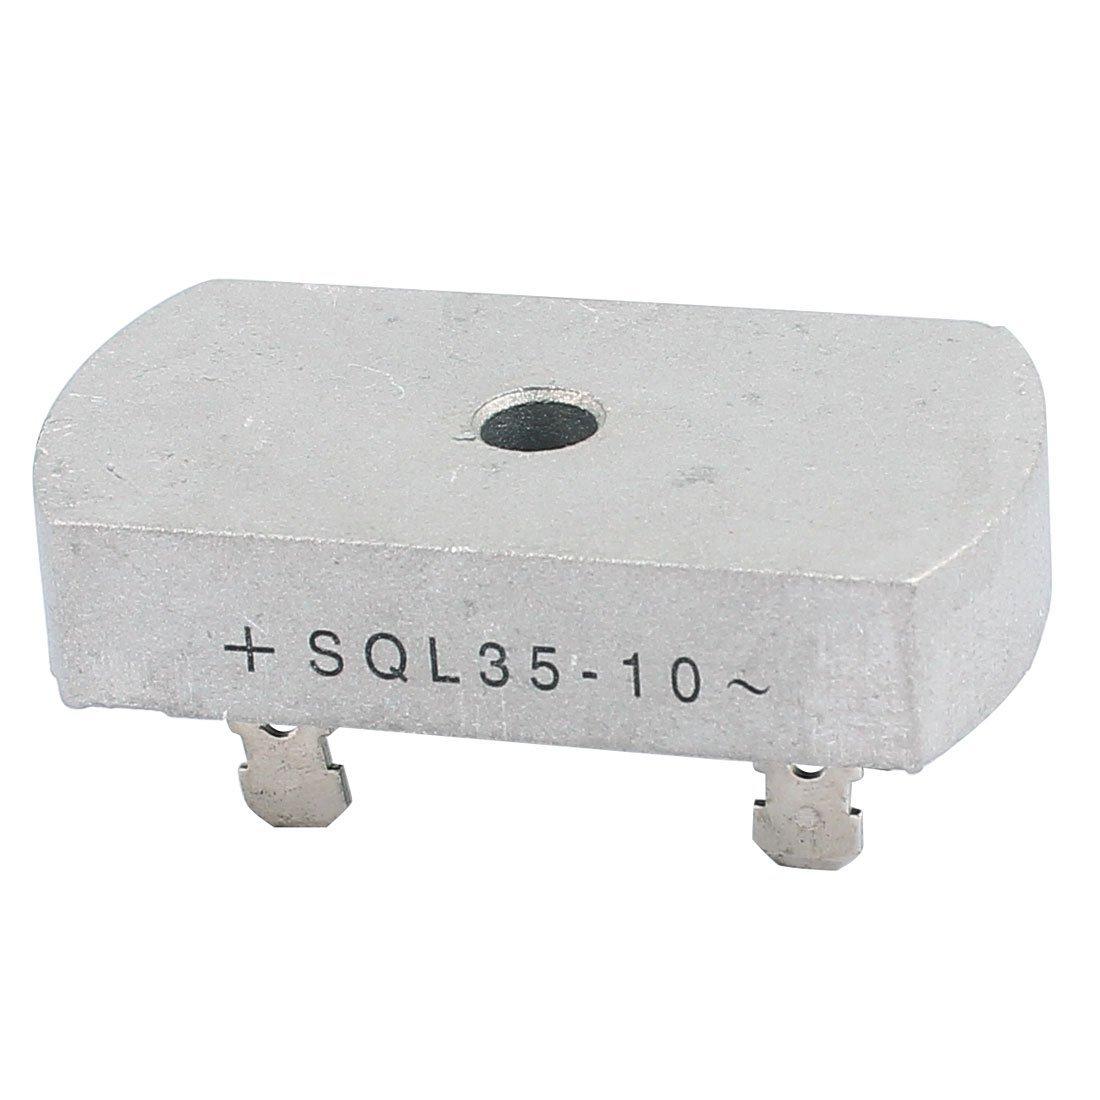 eDealMax a16032200ux0396 35A de Plata Para soldar Puente trifásico Rectificadores Para electrónica de componentes, 1000V: Amazon.com: Industrial & ...